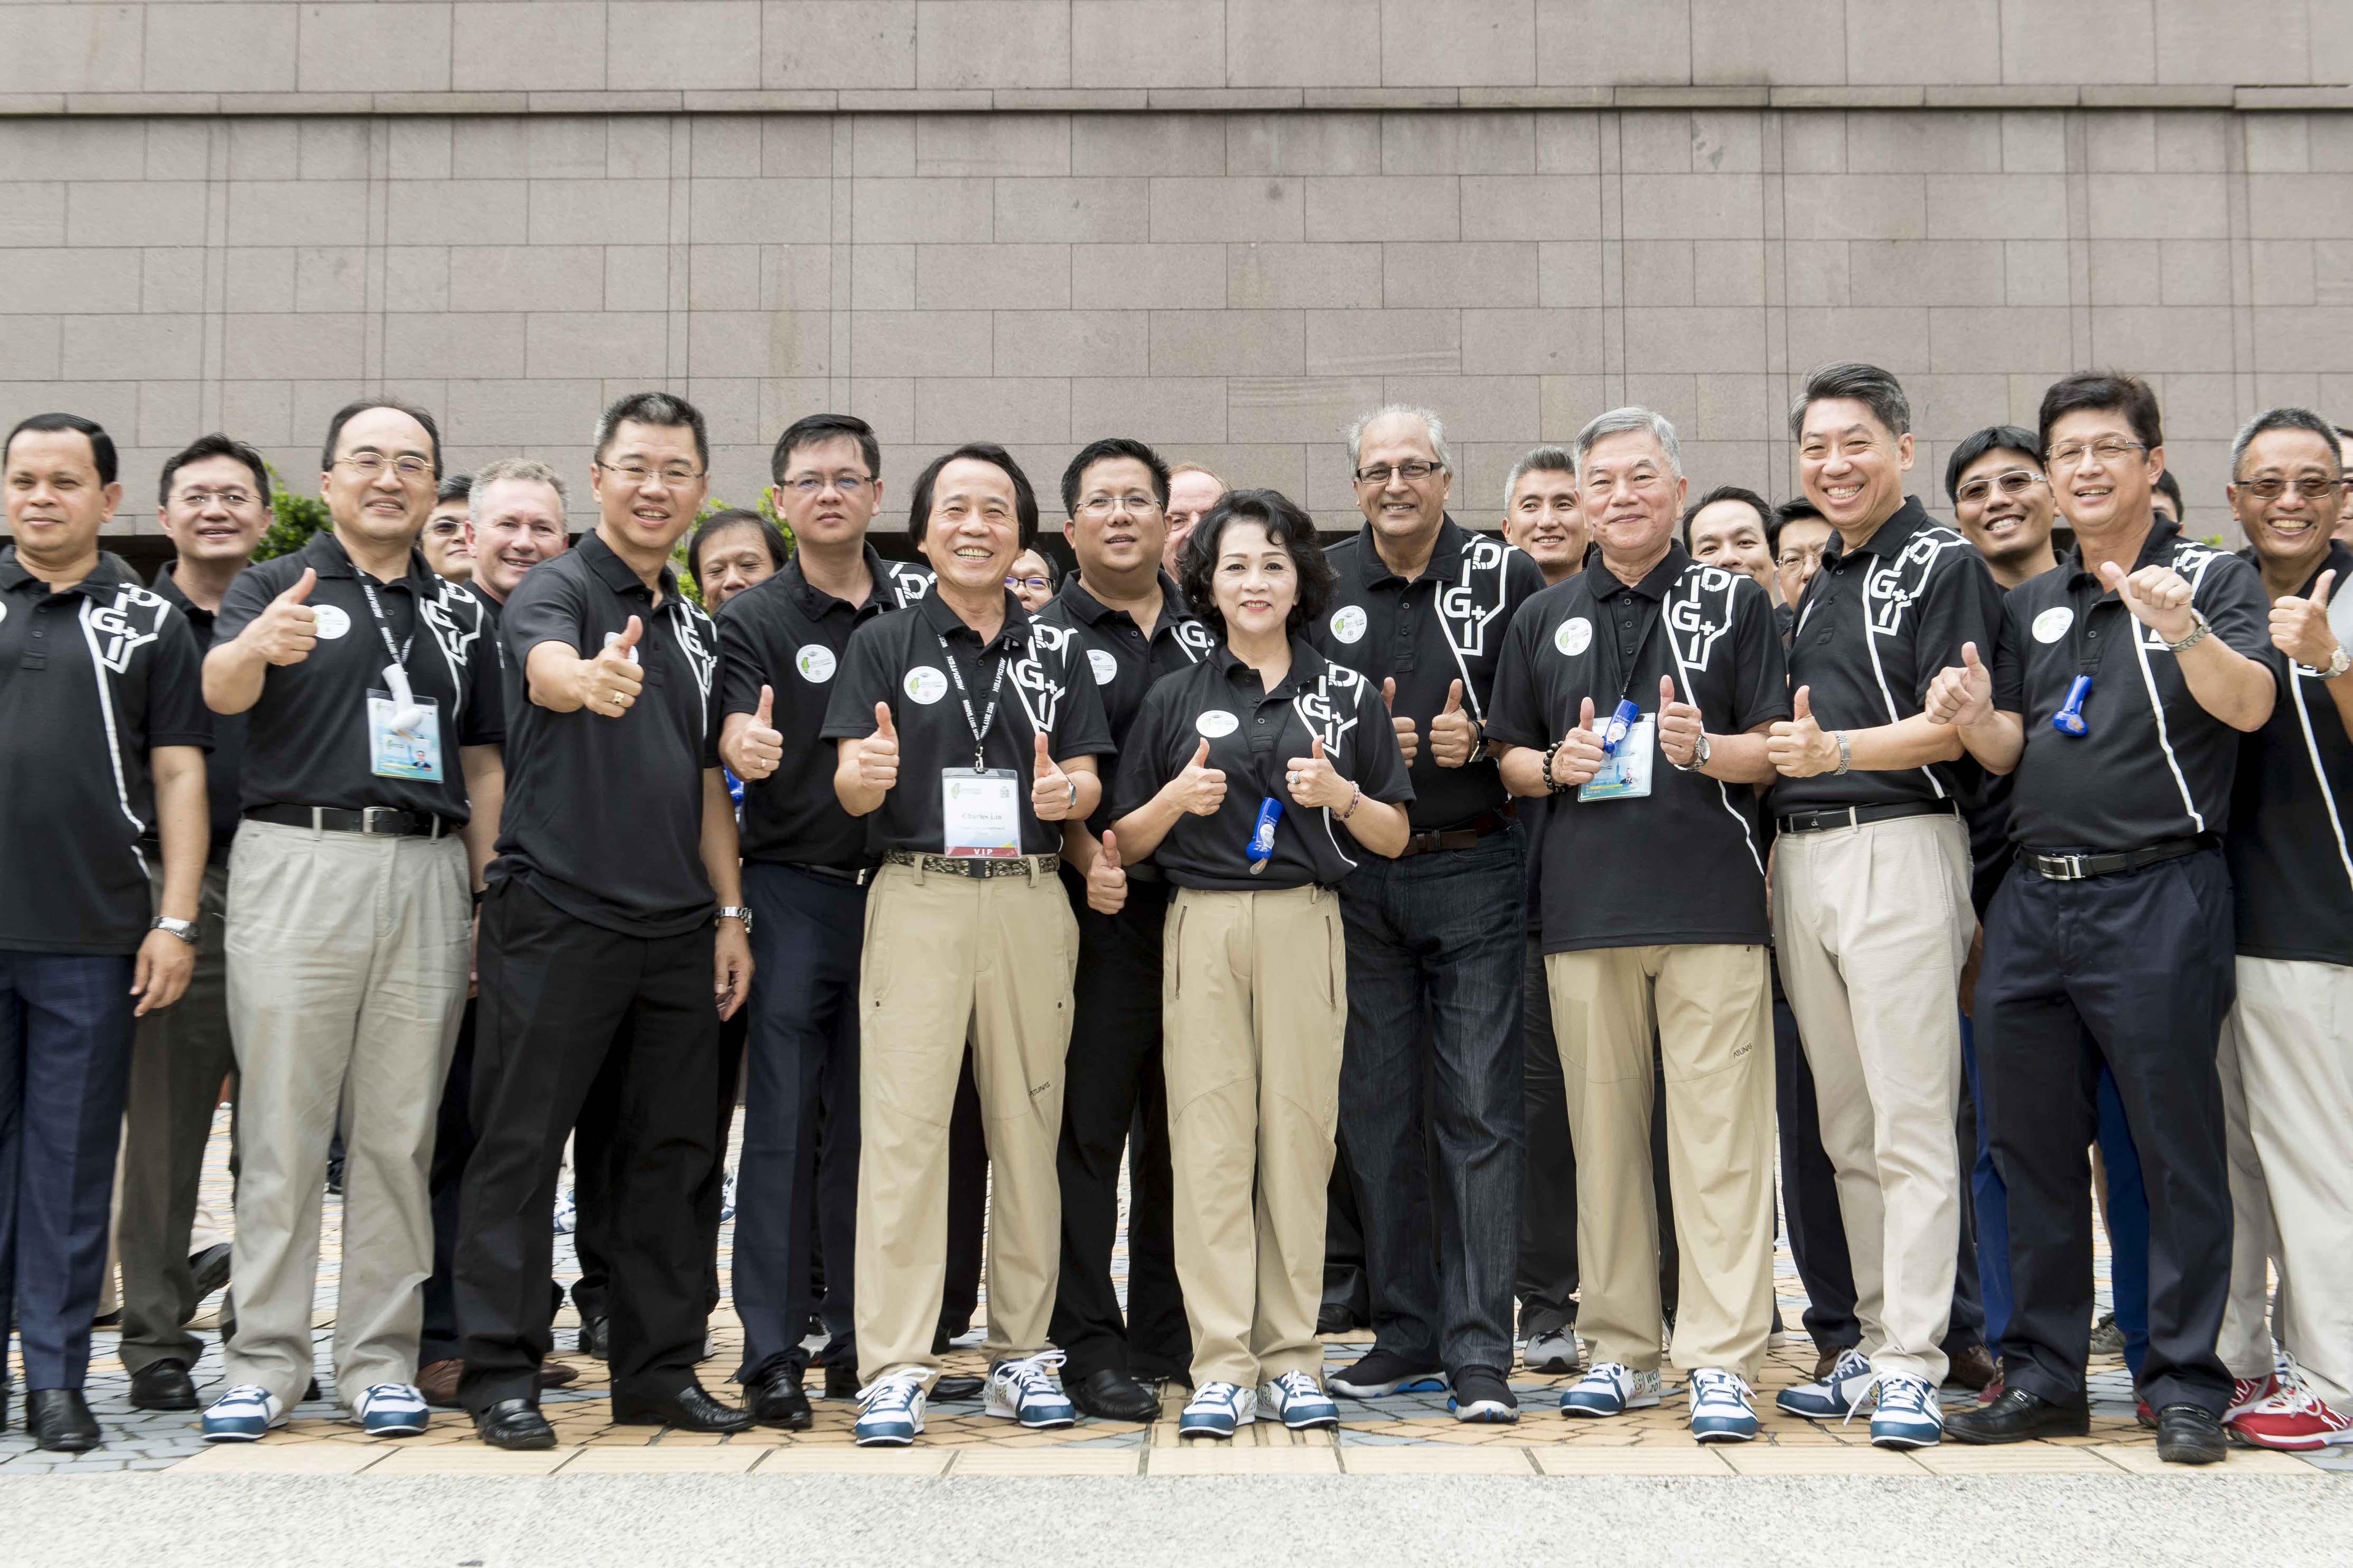 2017WCIT世界資訊科技大會9/10科技嘉年華踩街